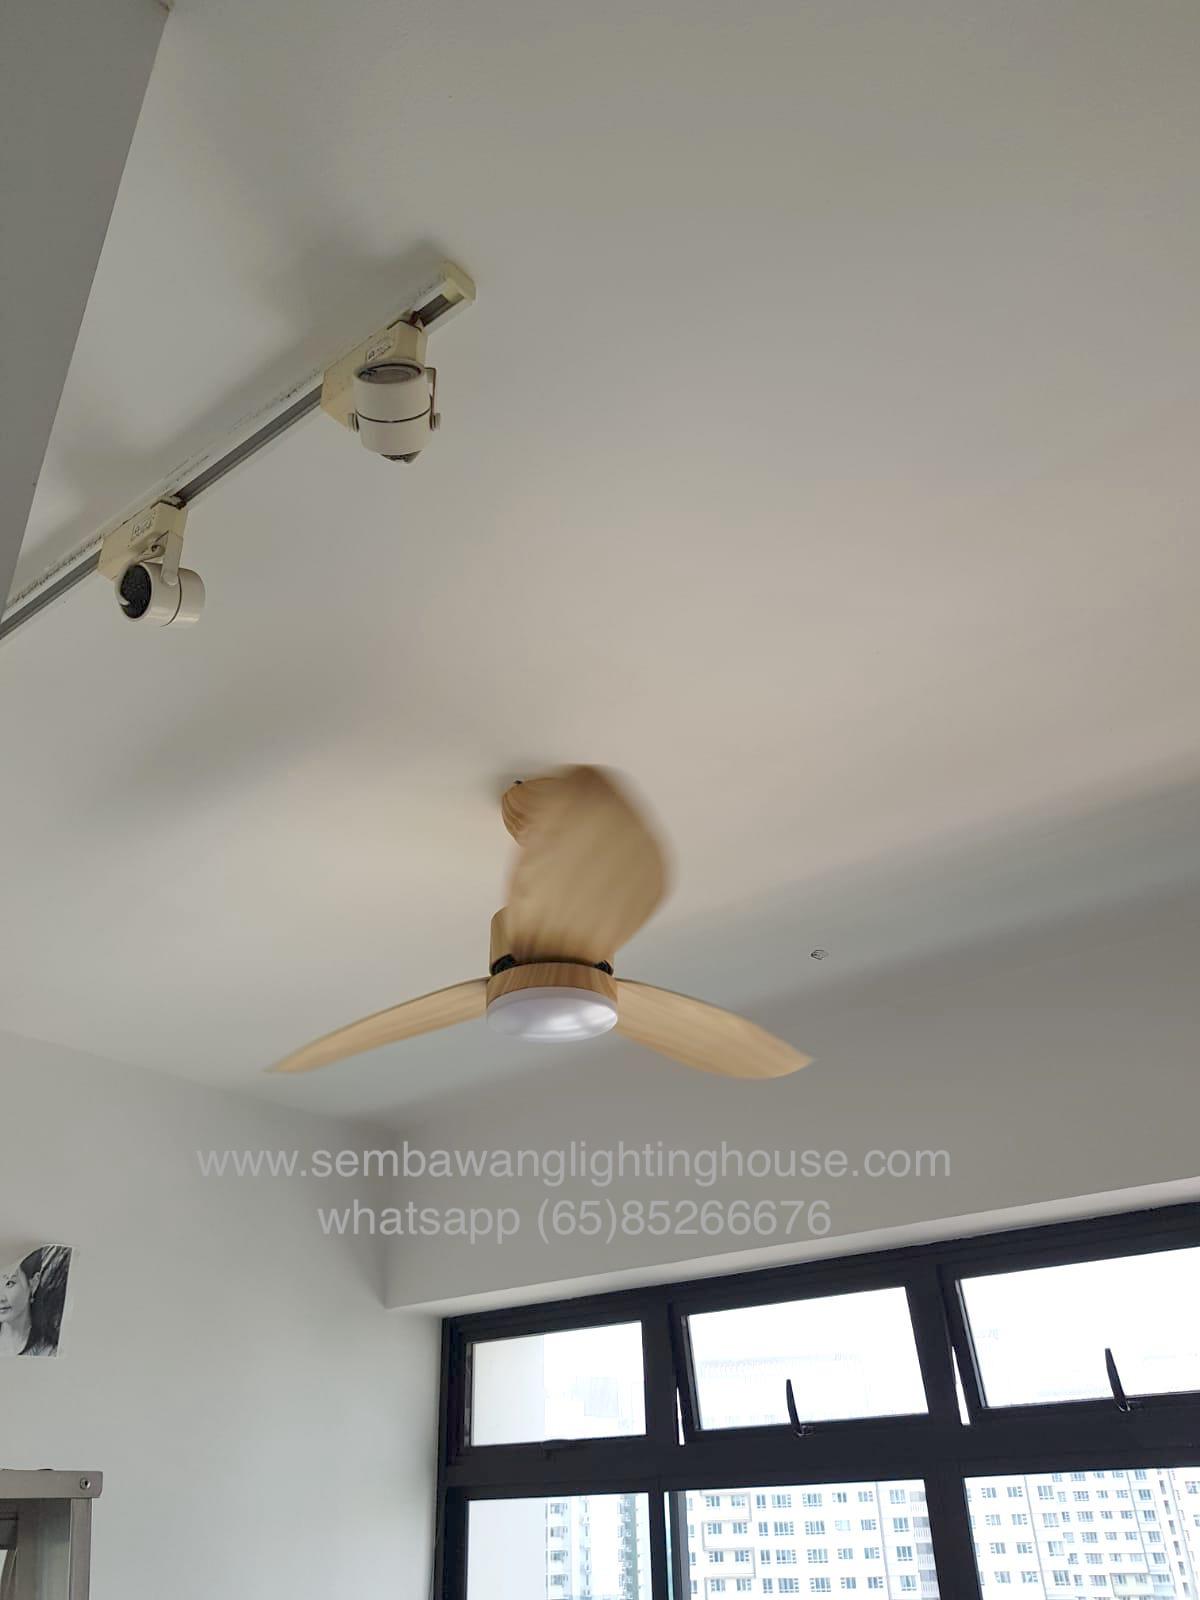 bestar-razor-pine-ceiling-fan-sembawang-lighting-house-01.jpg